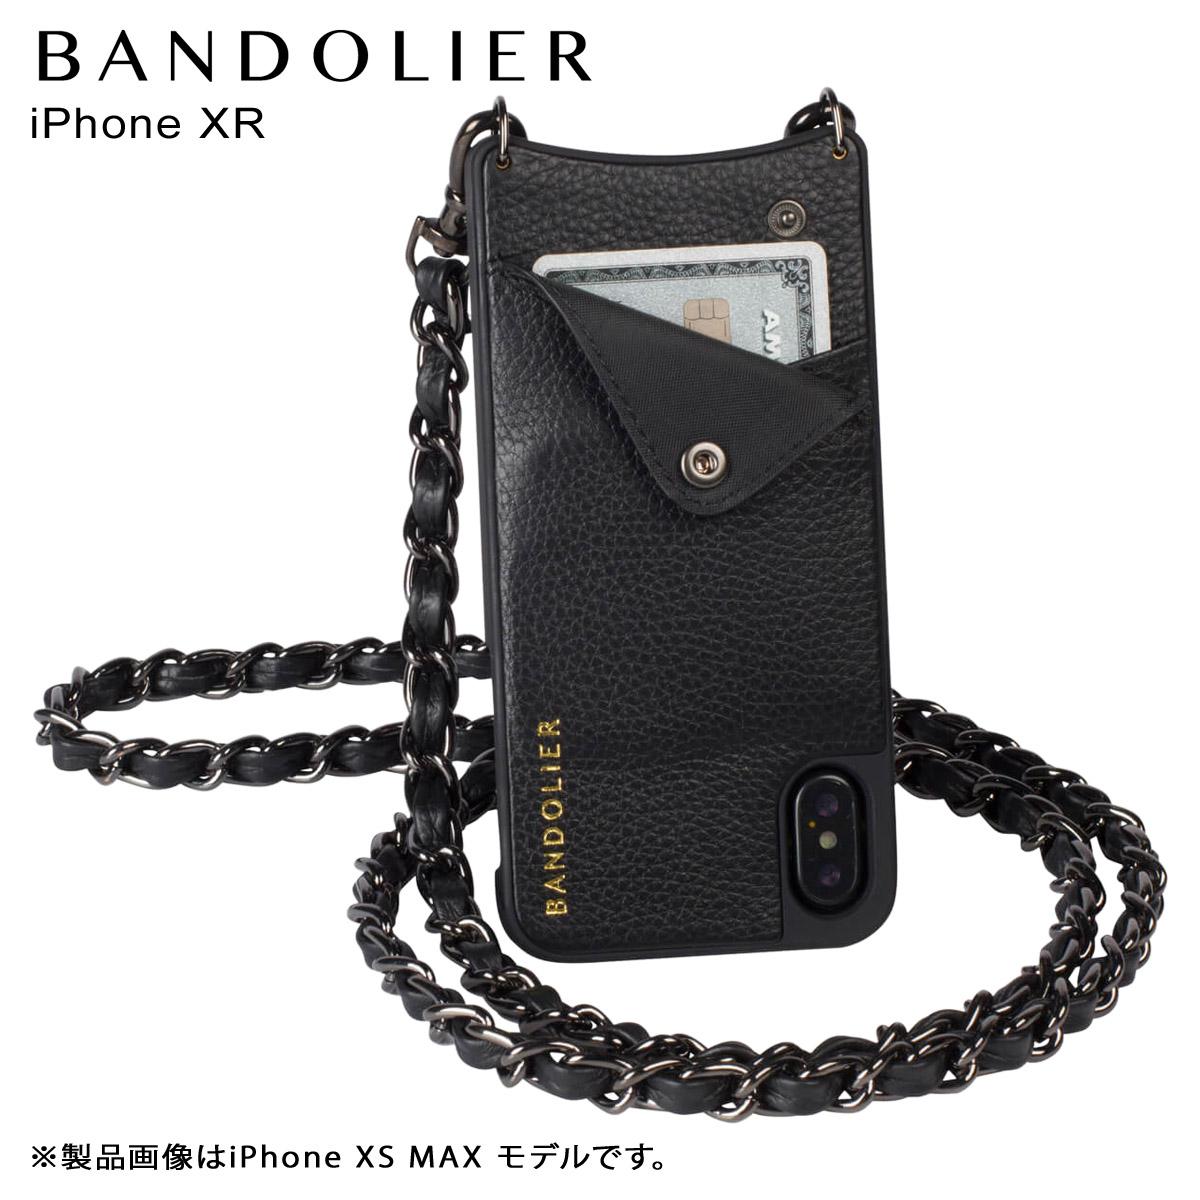 バンドリヤー BANDOLIER iPhone XR ケース ショルダー スマホ アイフォン レザー LUCY PEWTER メンズ レディース ブラック 黒 10LCY1001 [3/18 再入荷]